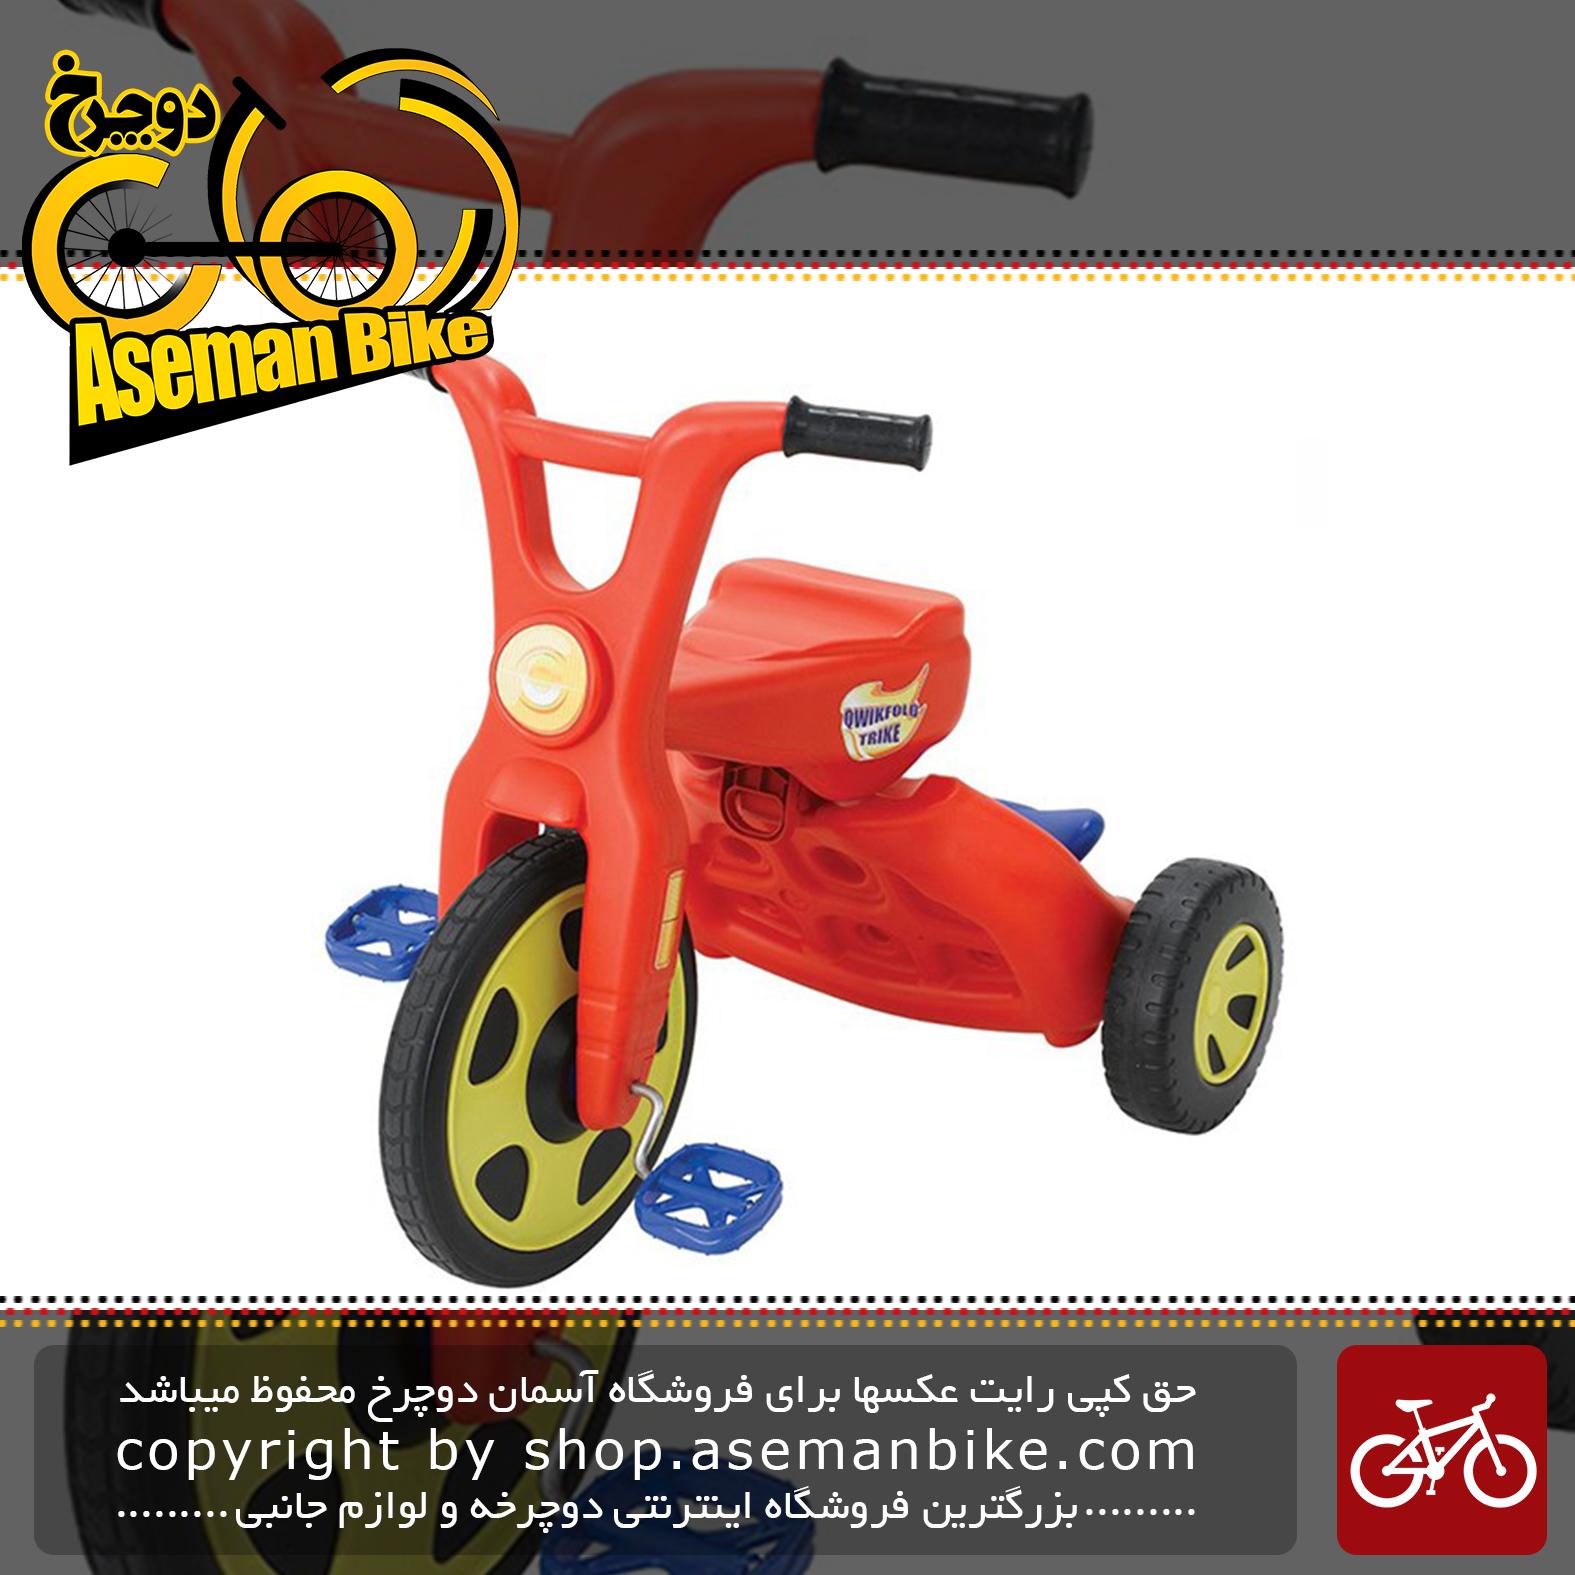 سهچرخه گرو ان آپ مدل Grow N Up Qwikflold Cycle Trike Tricycle